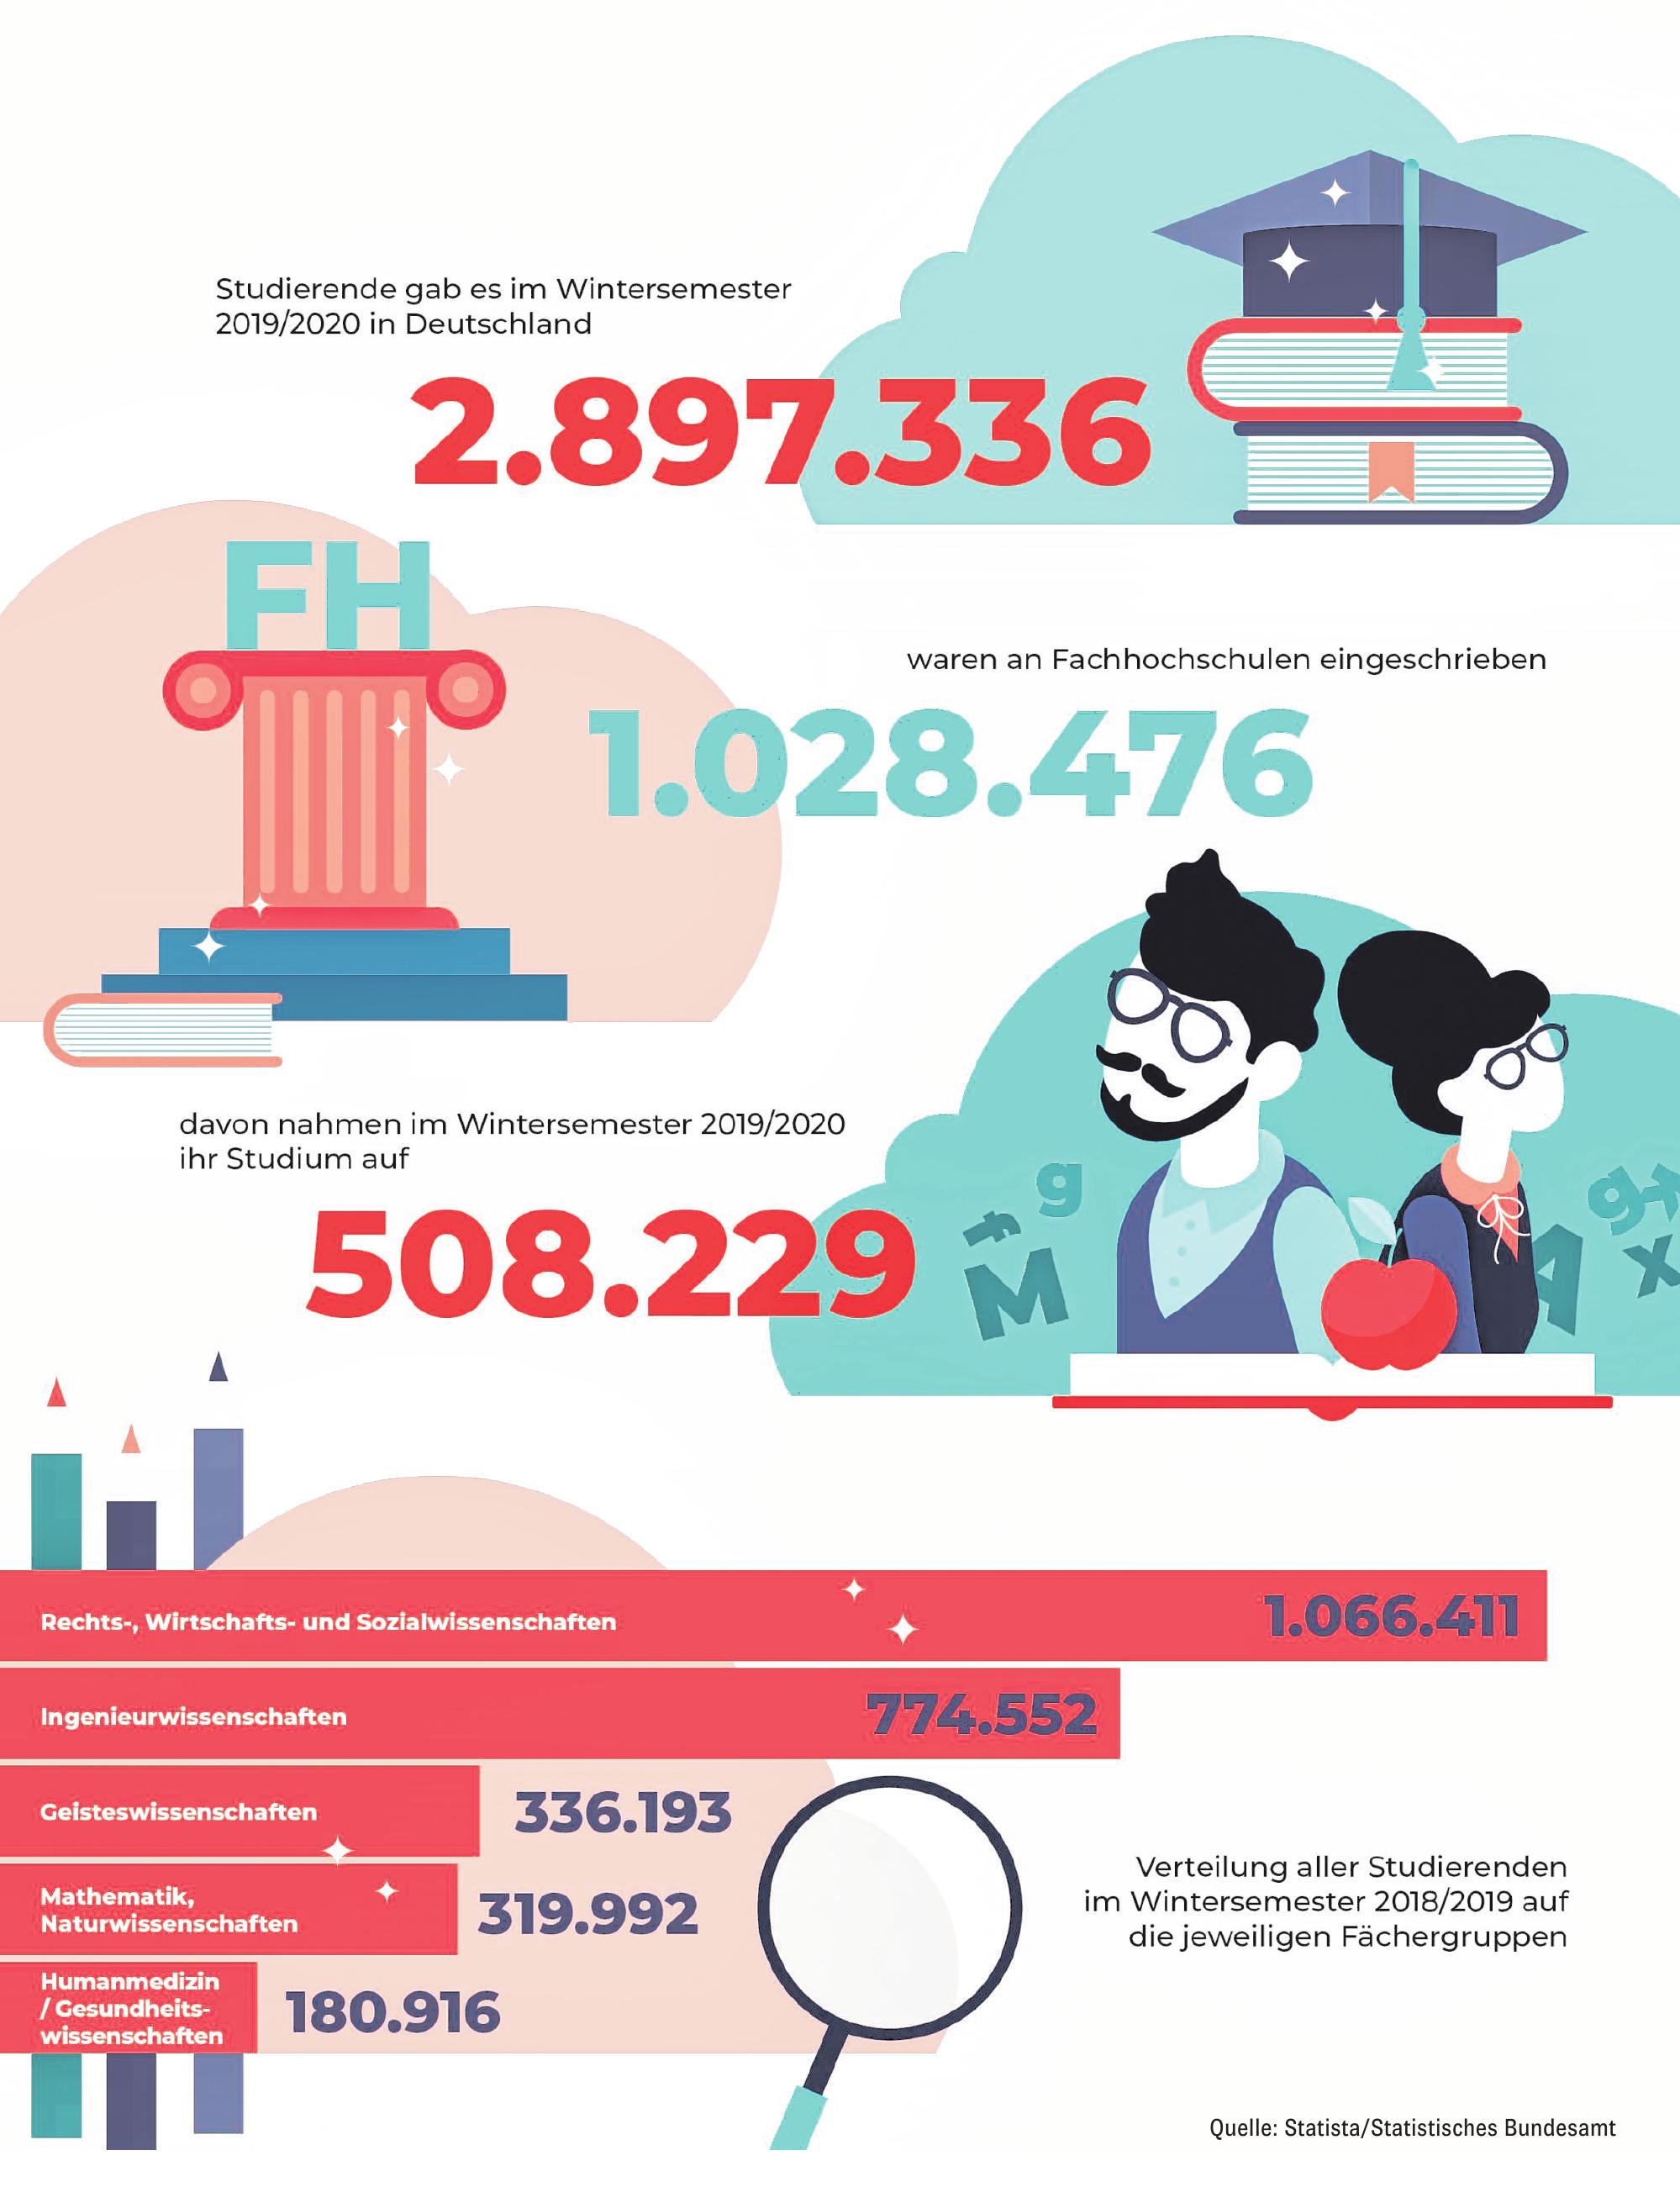 Statista/Statistisches Bundesamt